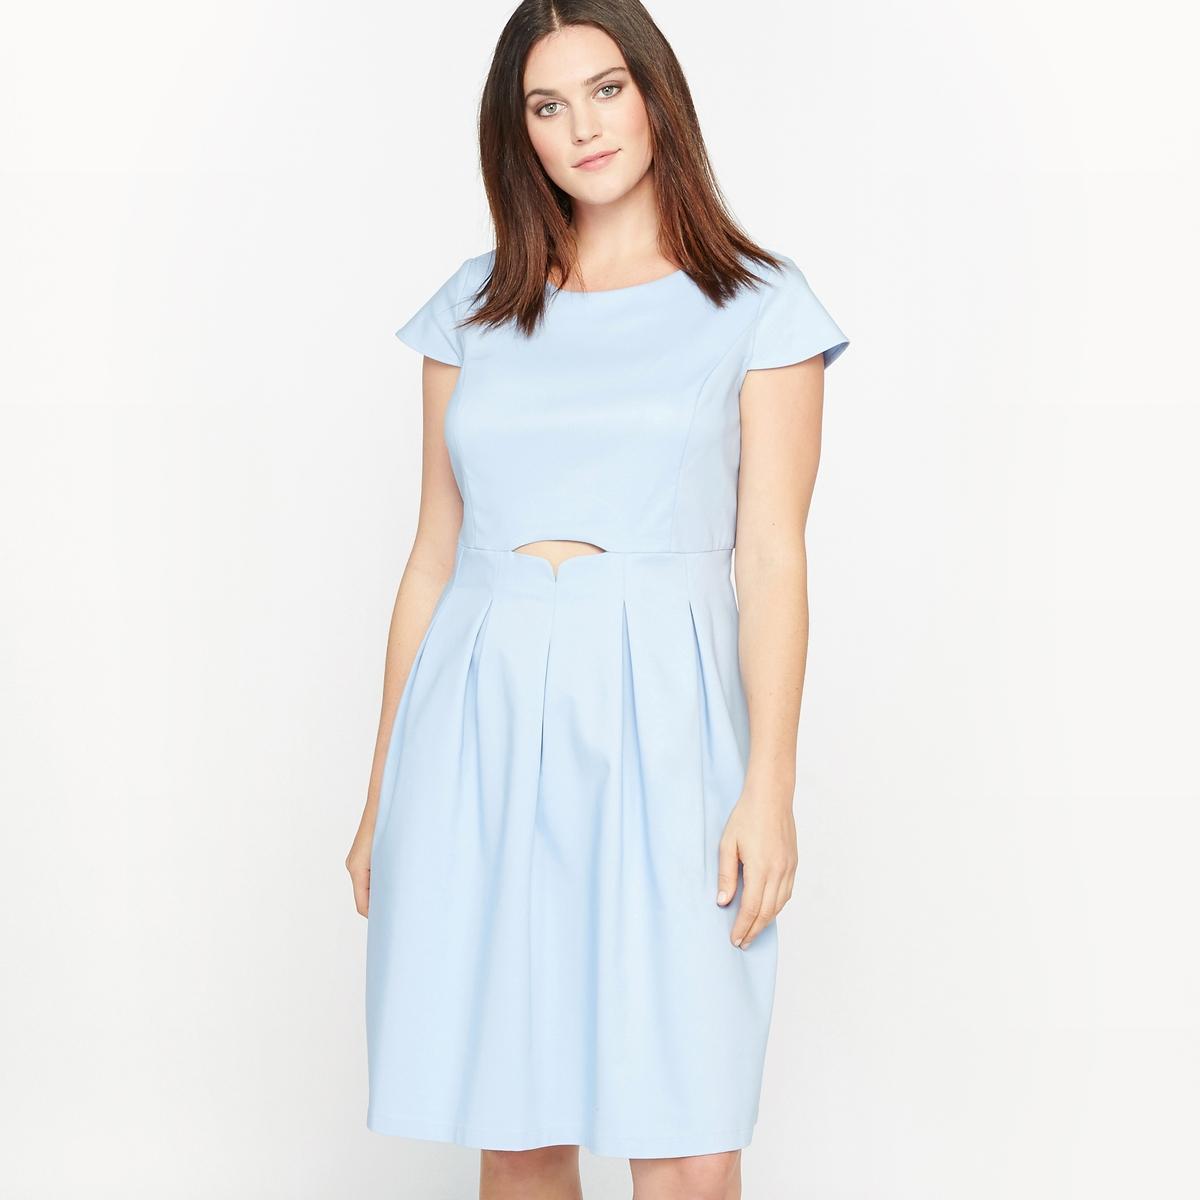 Платье расклешенное с короткими рукавами платье расклешенное с короткими рукавами